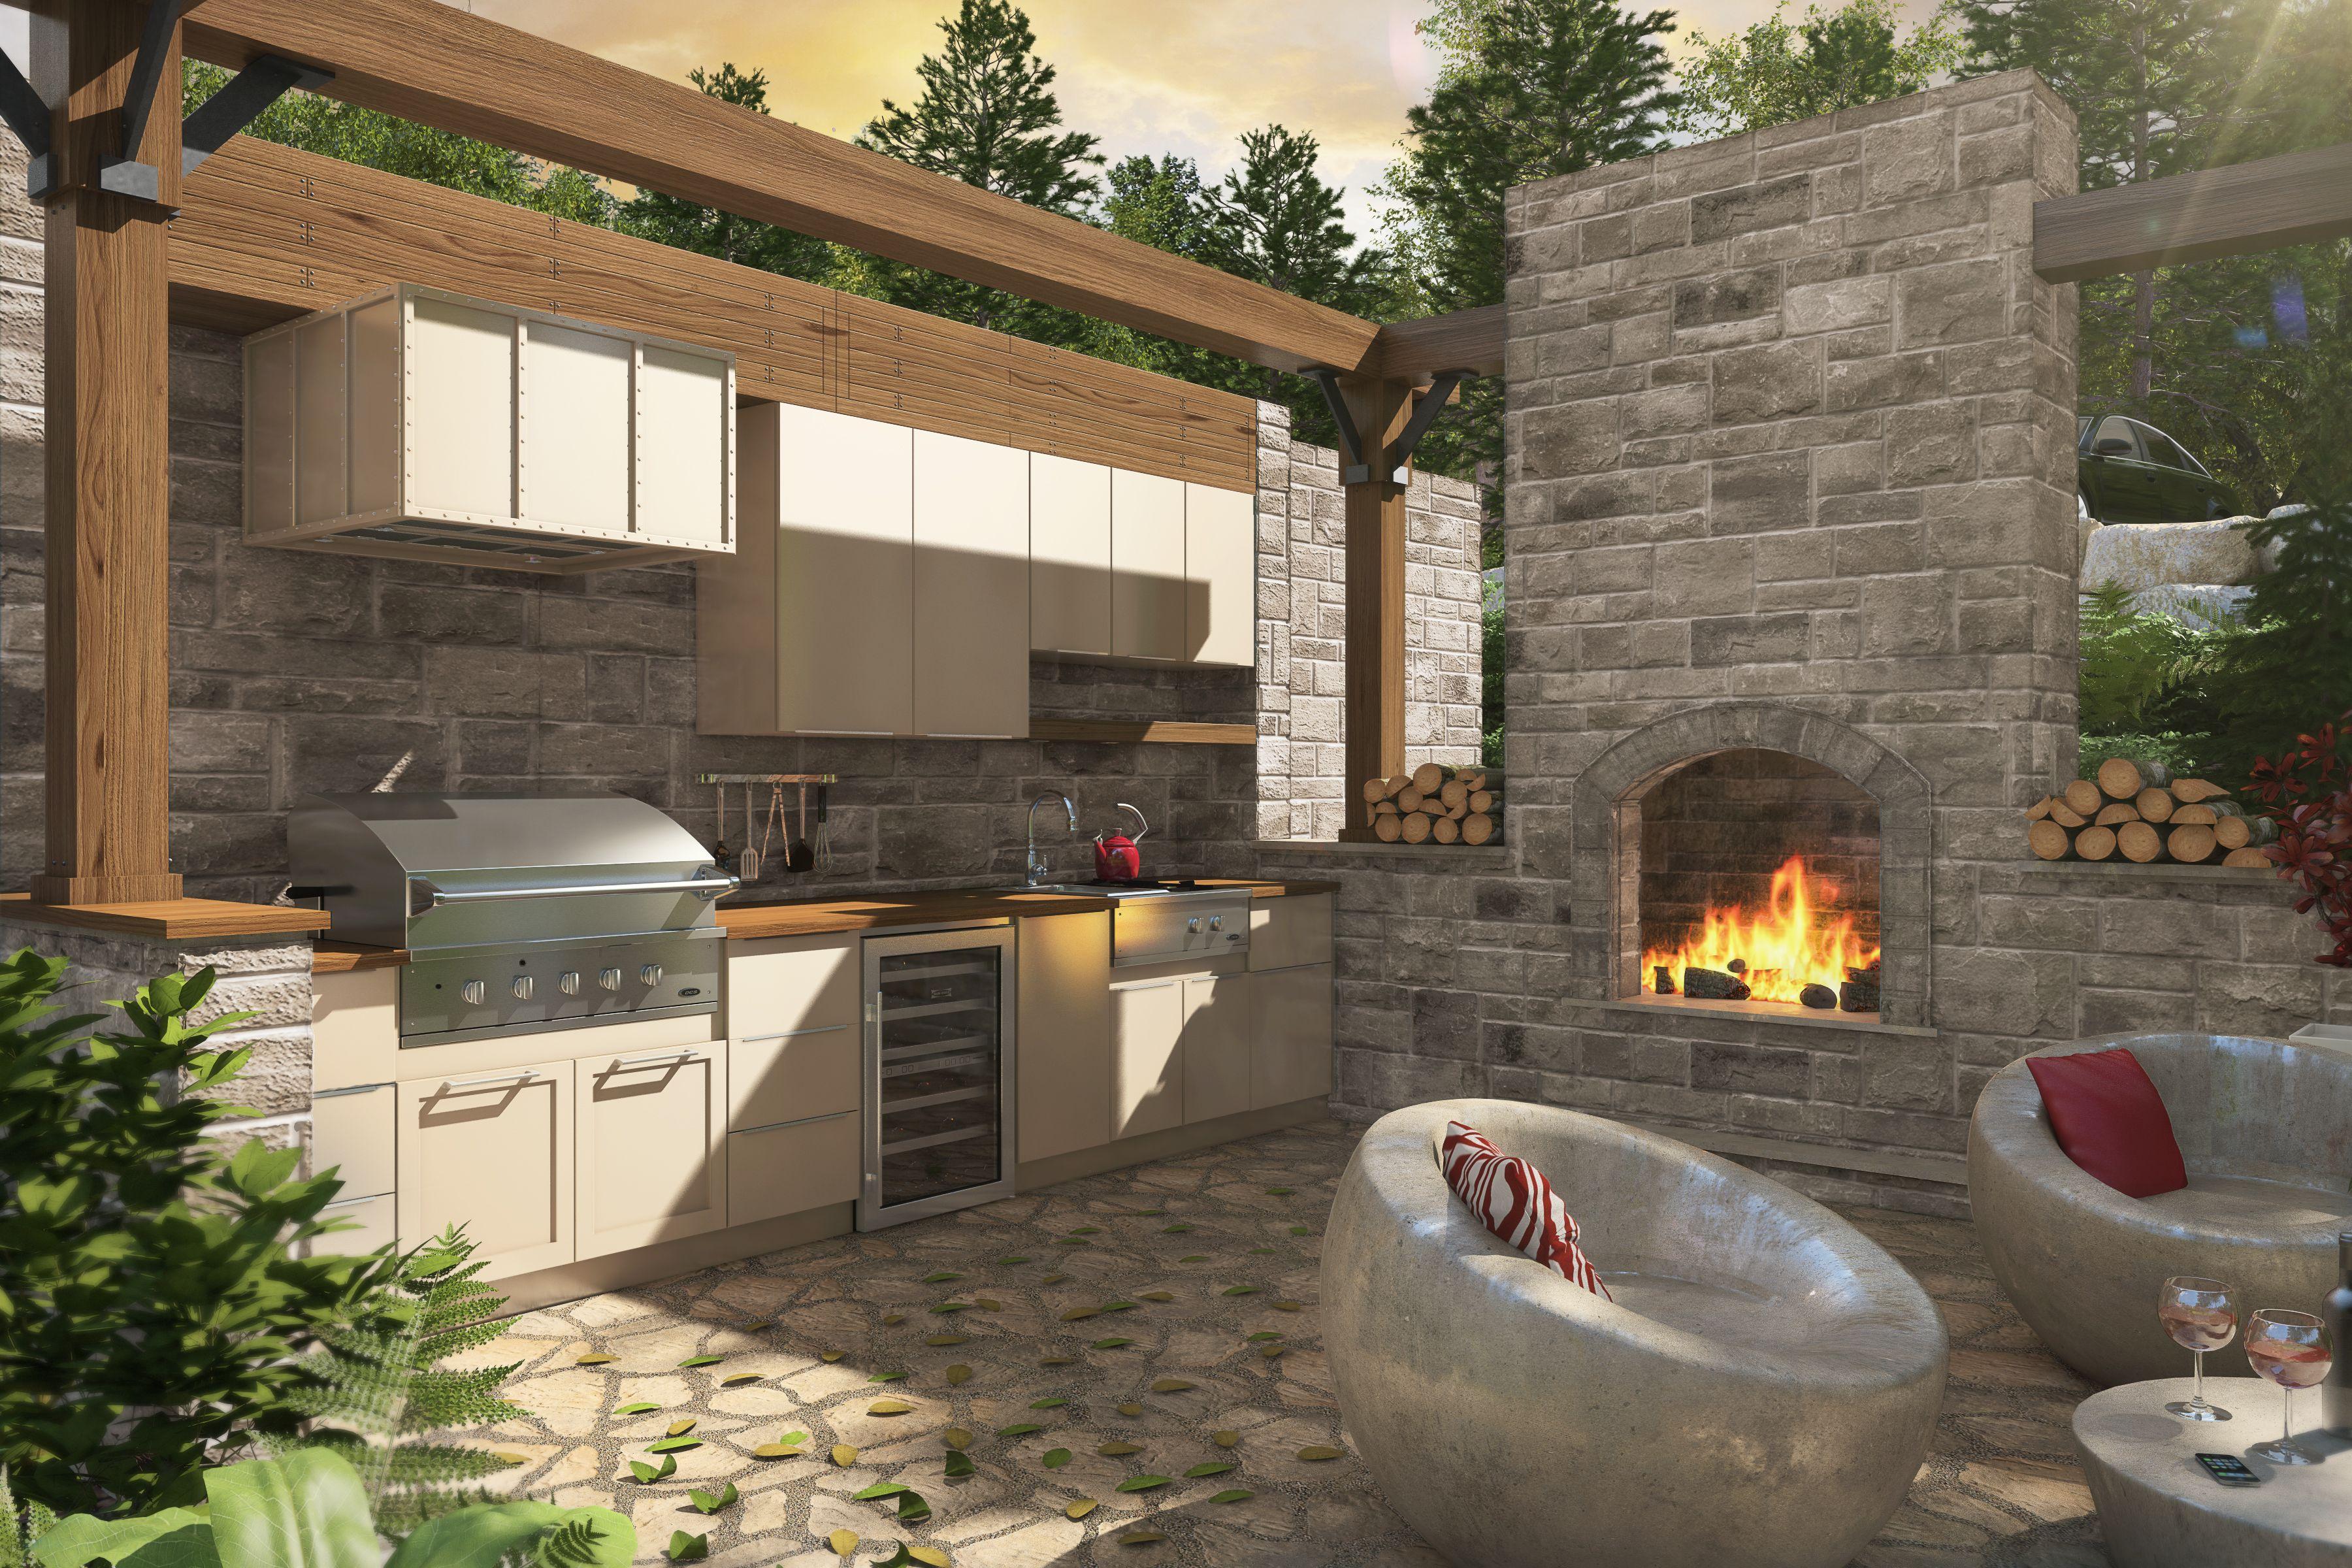 armoires de cuisine tendances concept cuisine ext rieure. Black Bedroom Furniture Sets. Home Design Ideas